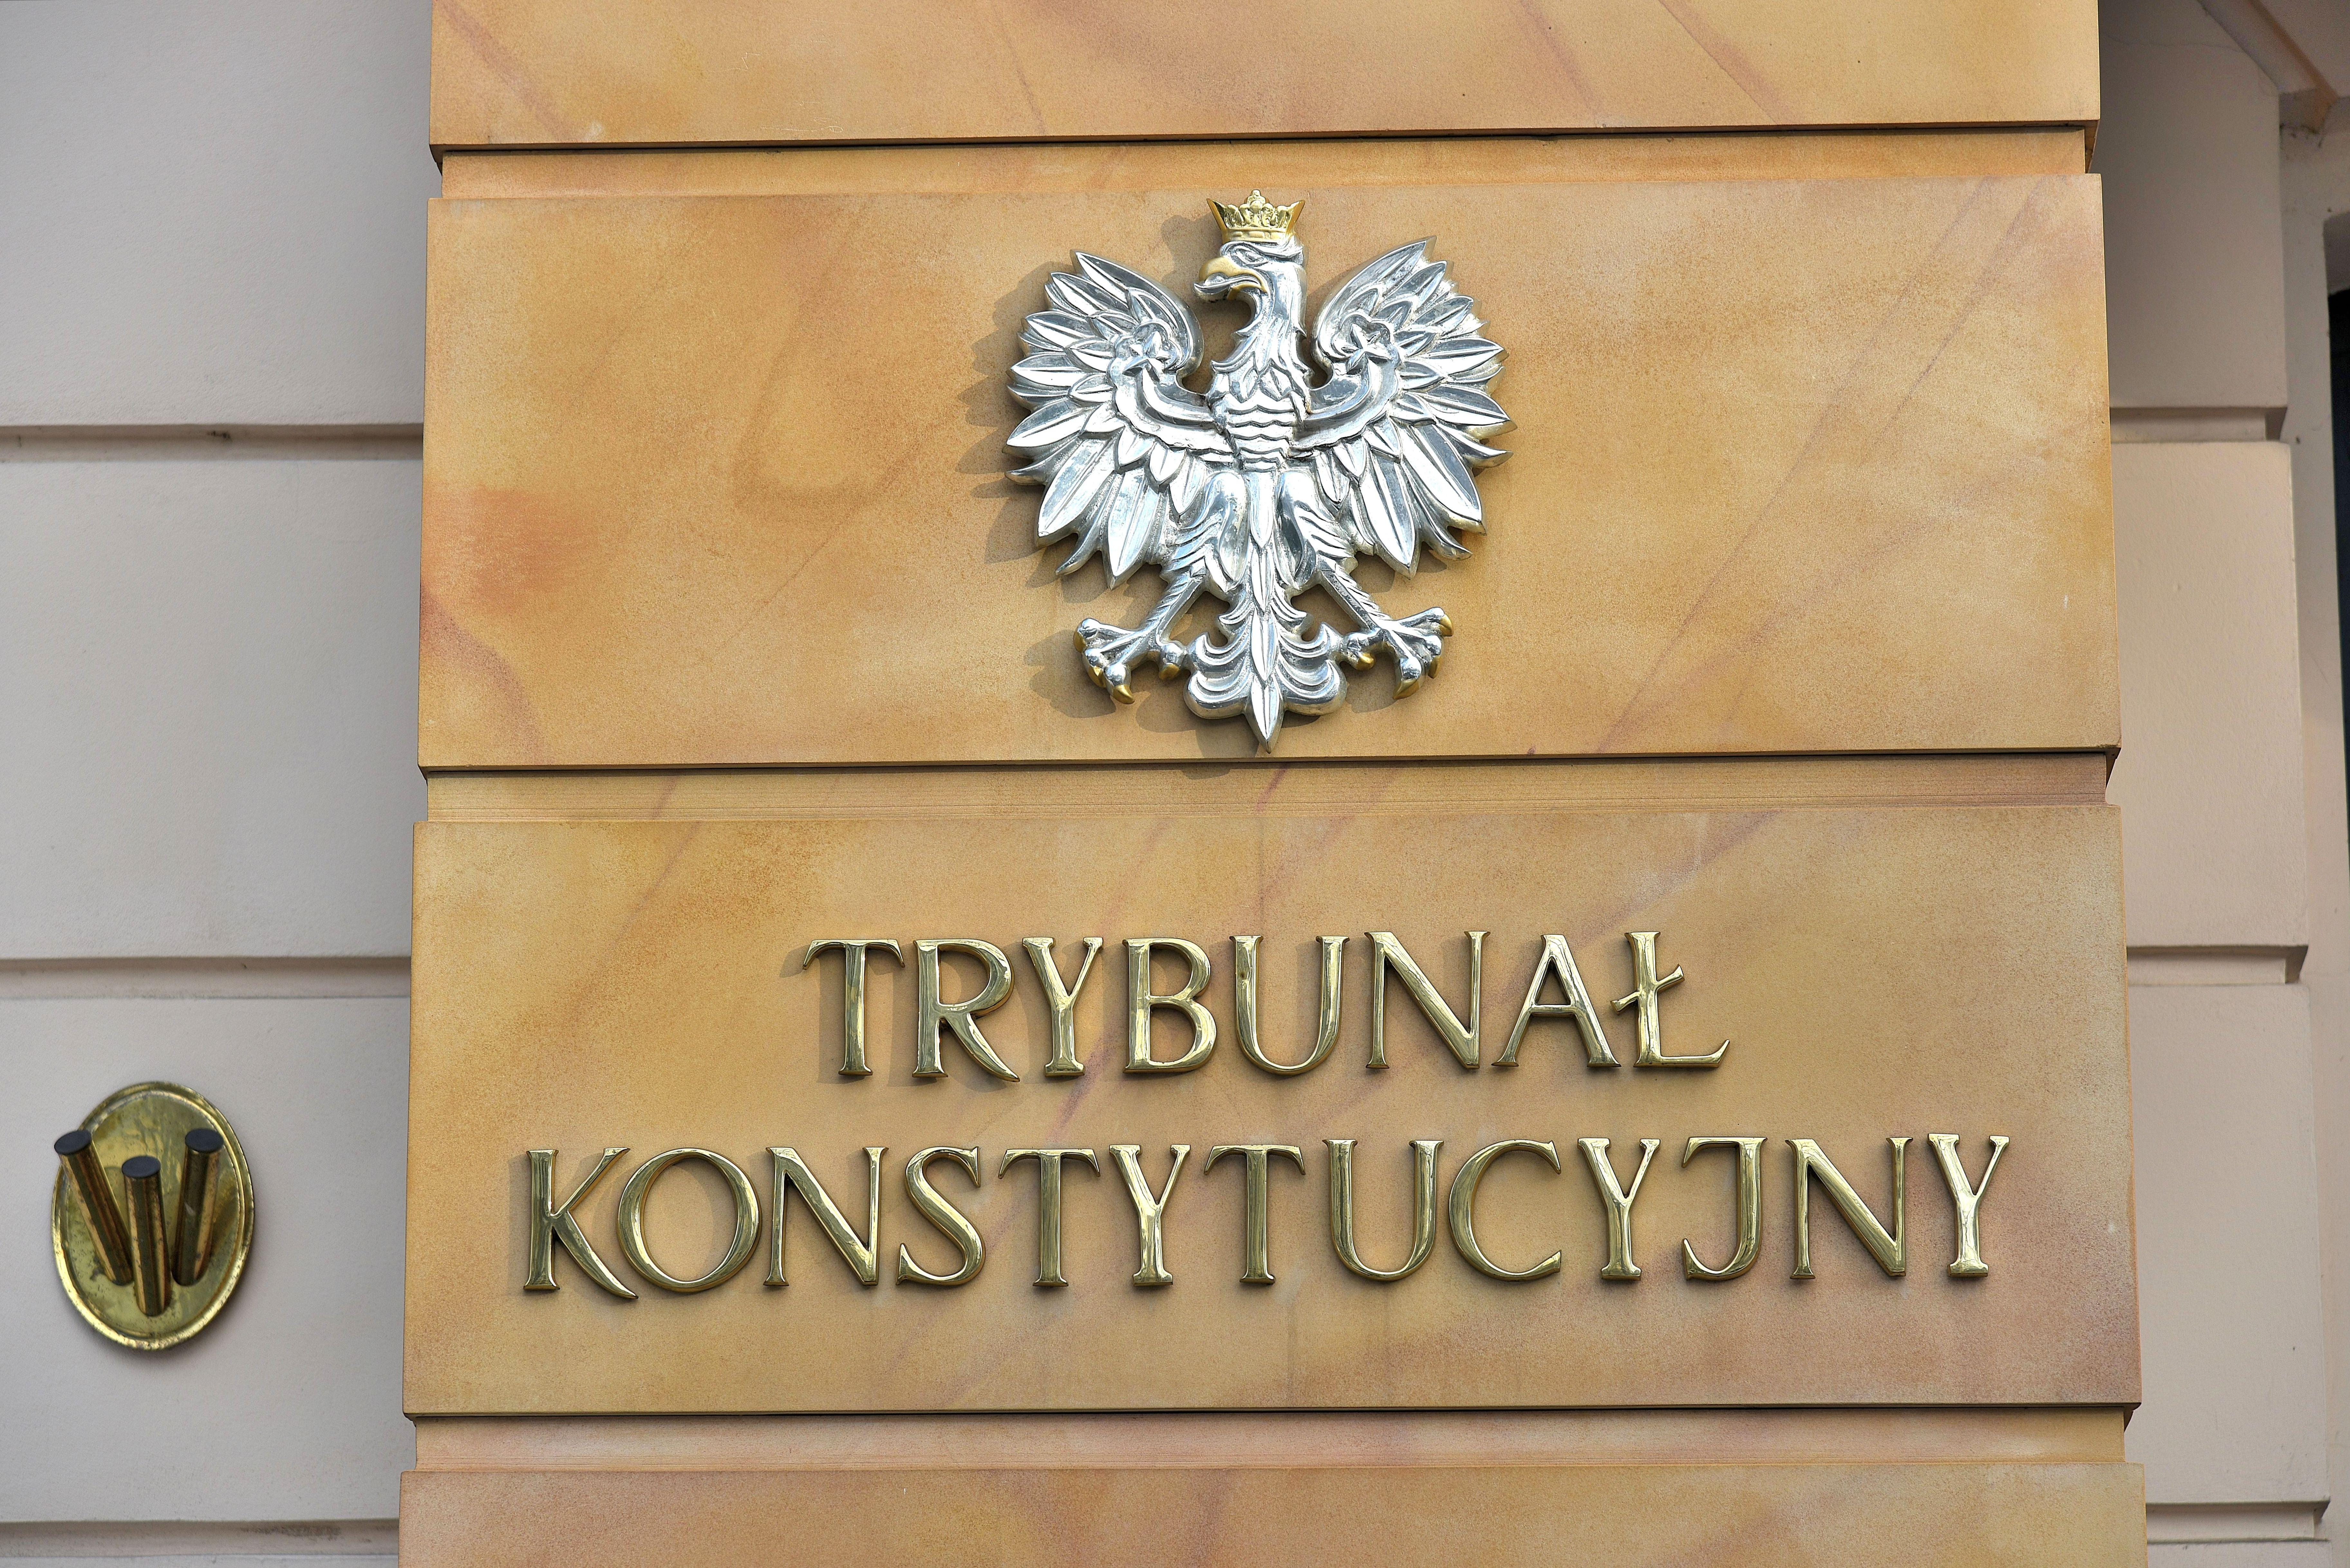 Trybunał_Konstytucyjny_wejście_01